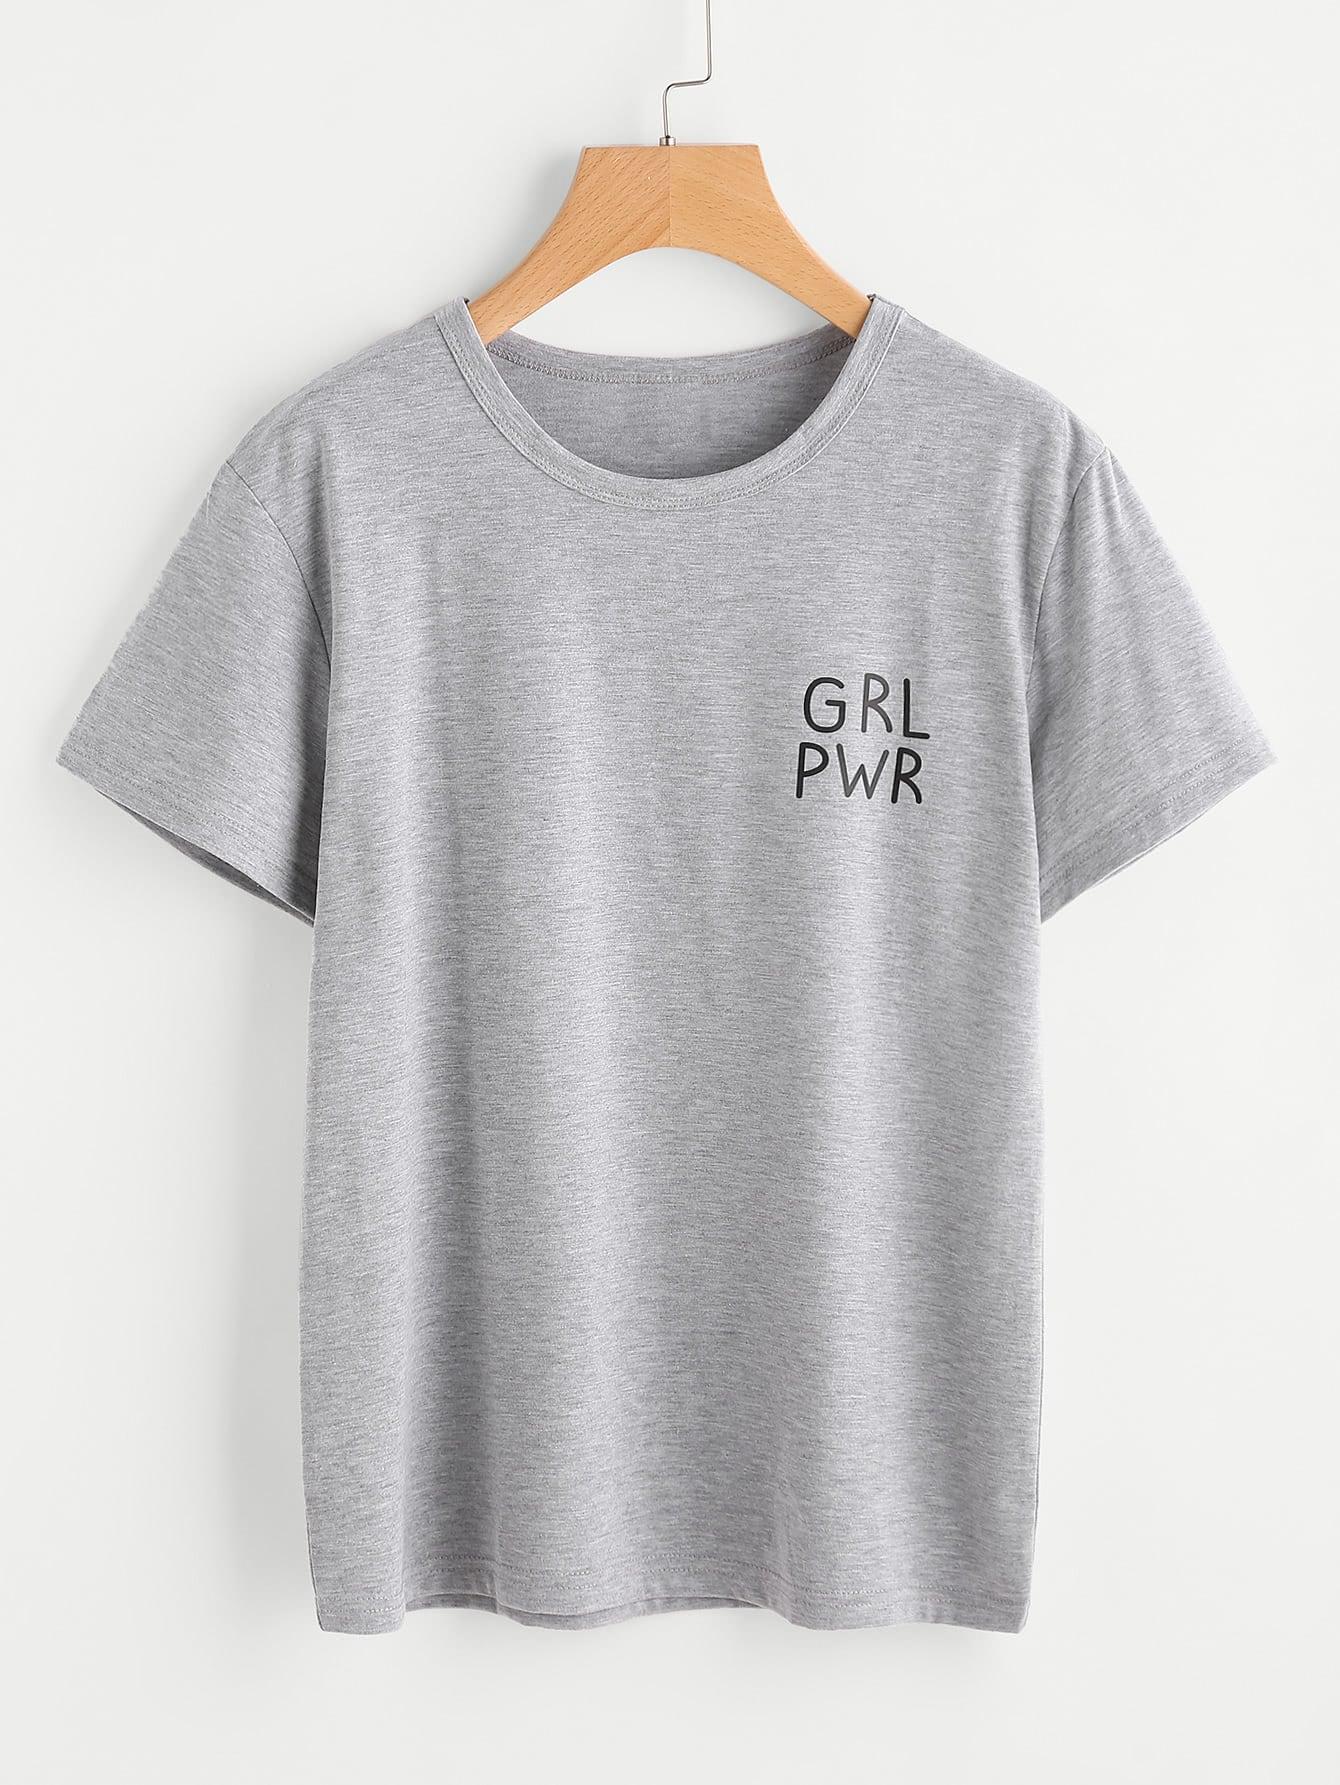 Купить Модная вязаная футболка с текстовым принтом, null, SheIn